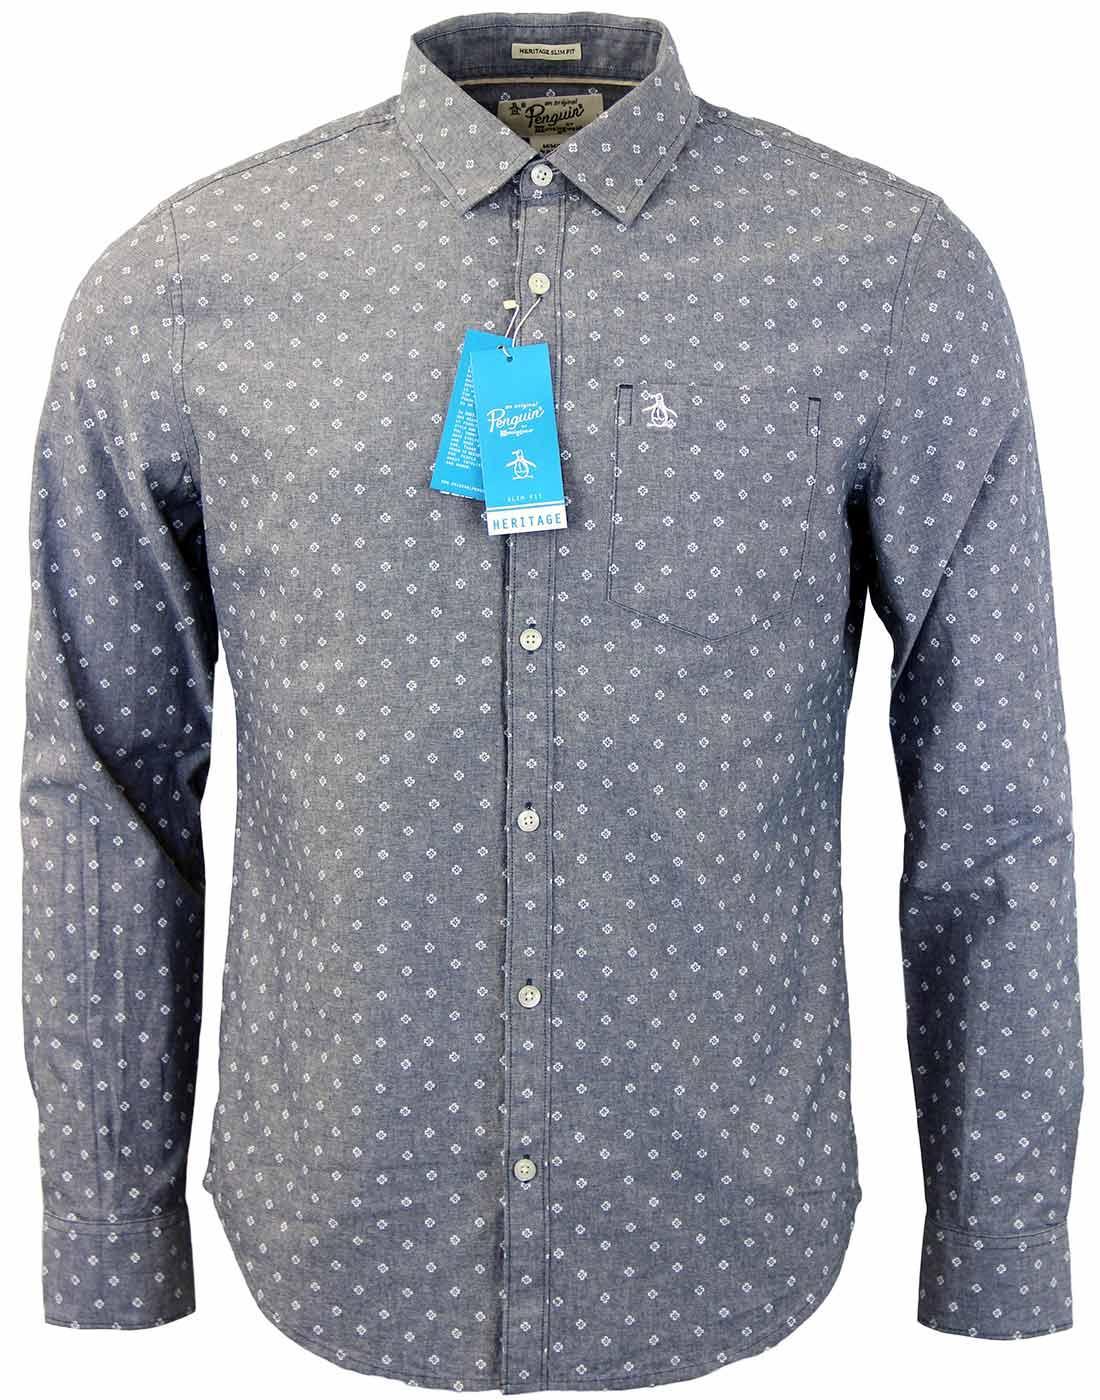 Elm ORIGINAL PENGUIN Retro Mod Oxford Shirt